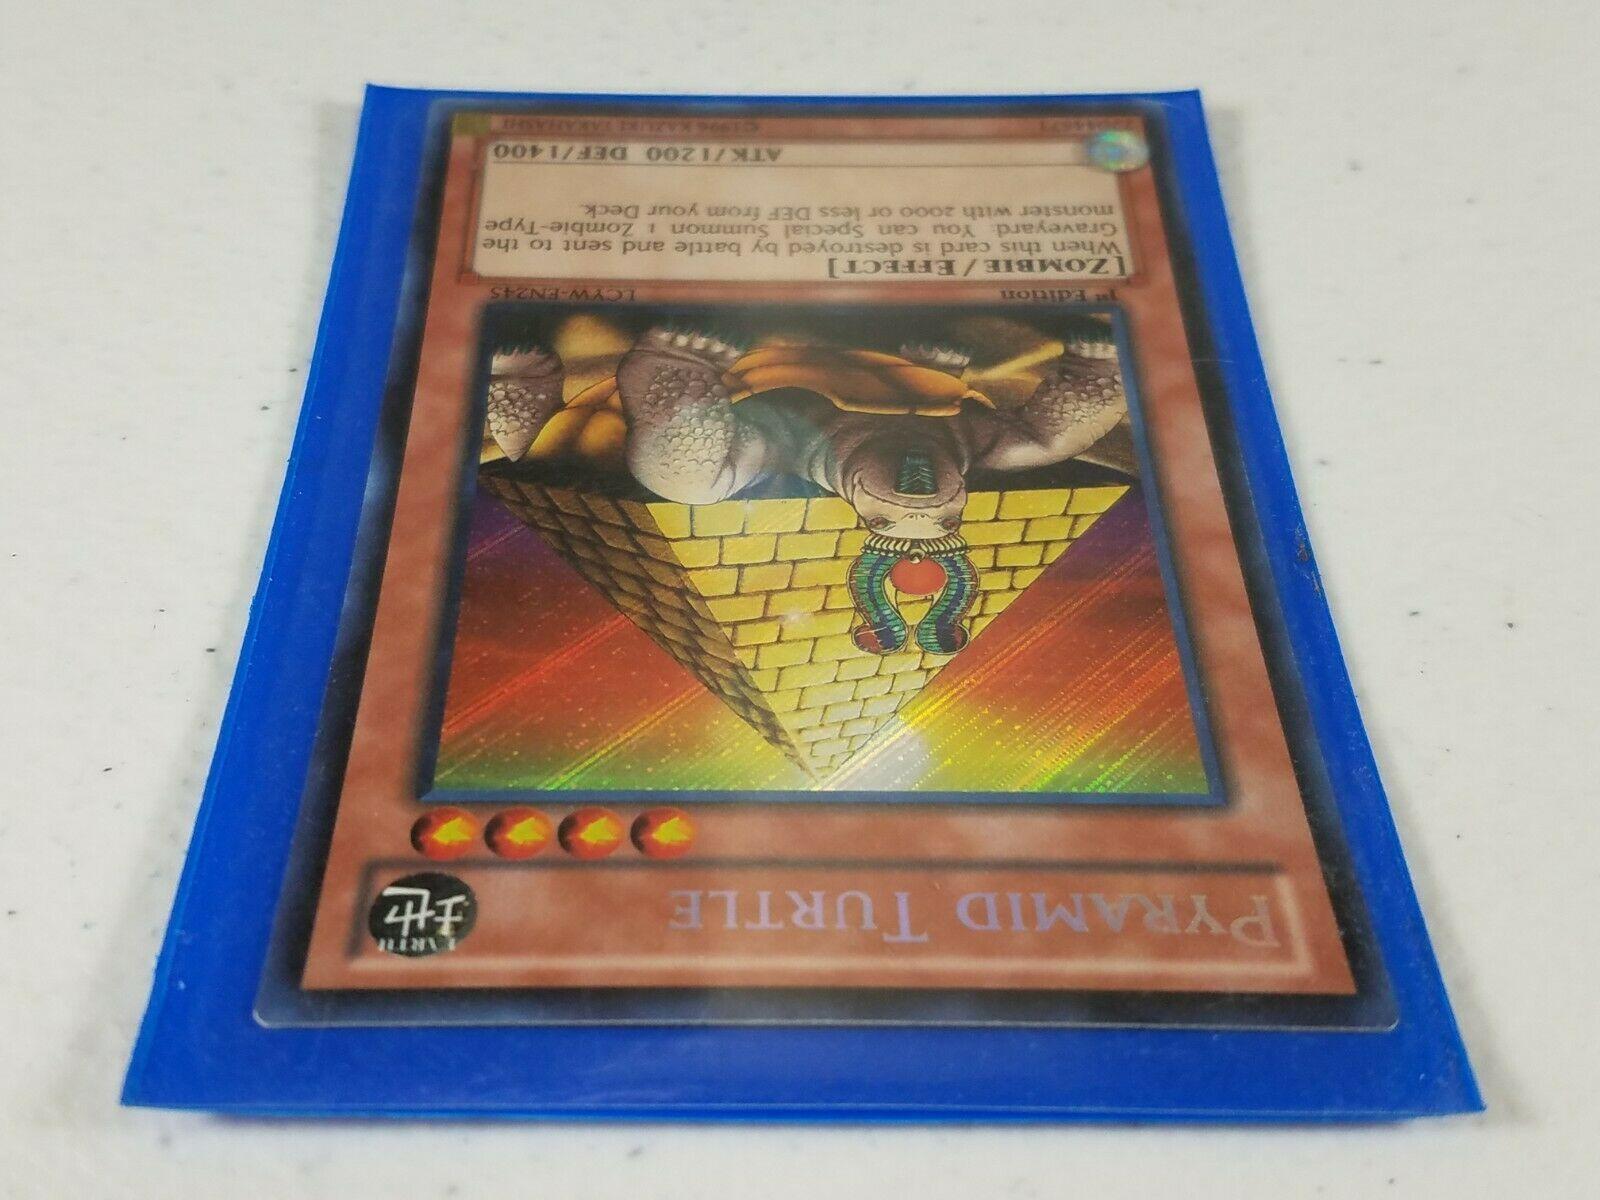 Yu-gi-oh! Trading Card - Pyramid Turtle - LCYW-EN245 - Secret Rare - 1st Ed.